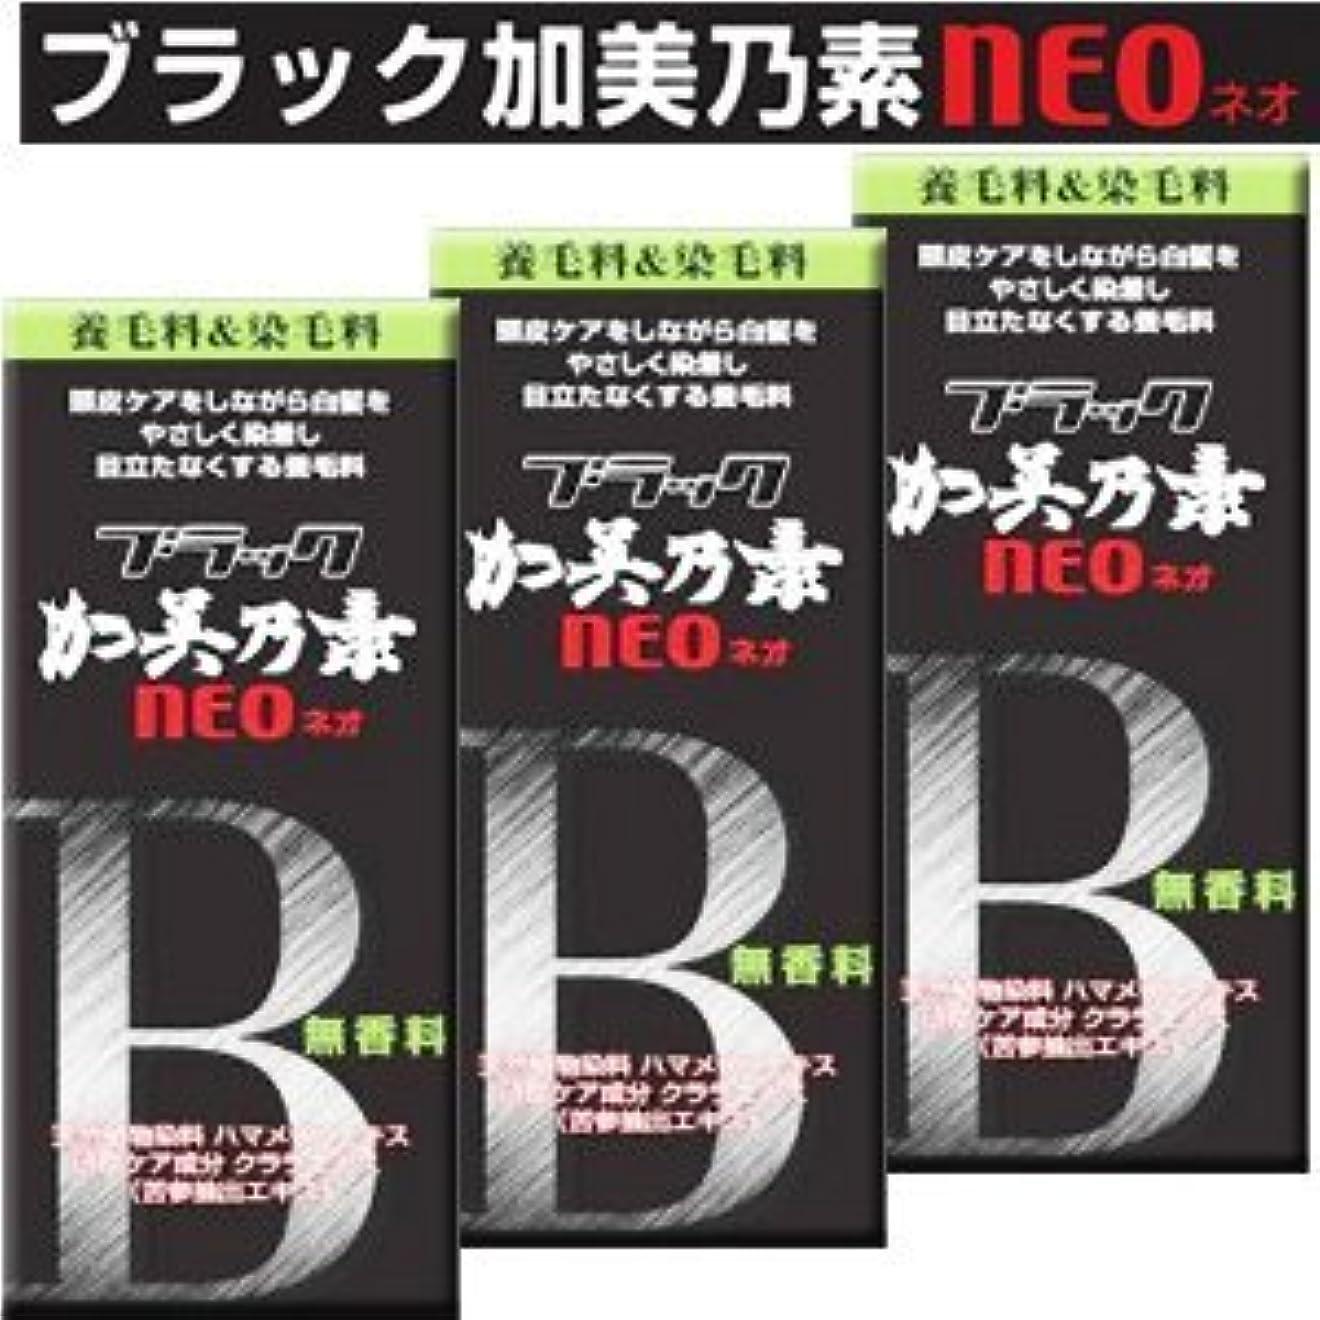 ビリーヤギ退化するシャワー【3個】 ブラック加美乃素NEO 無香料 150mlx3個 (4987046370105)